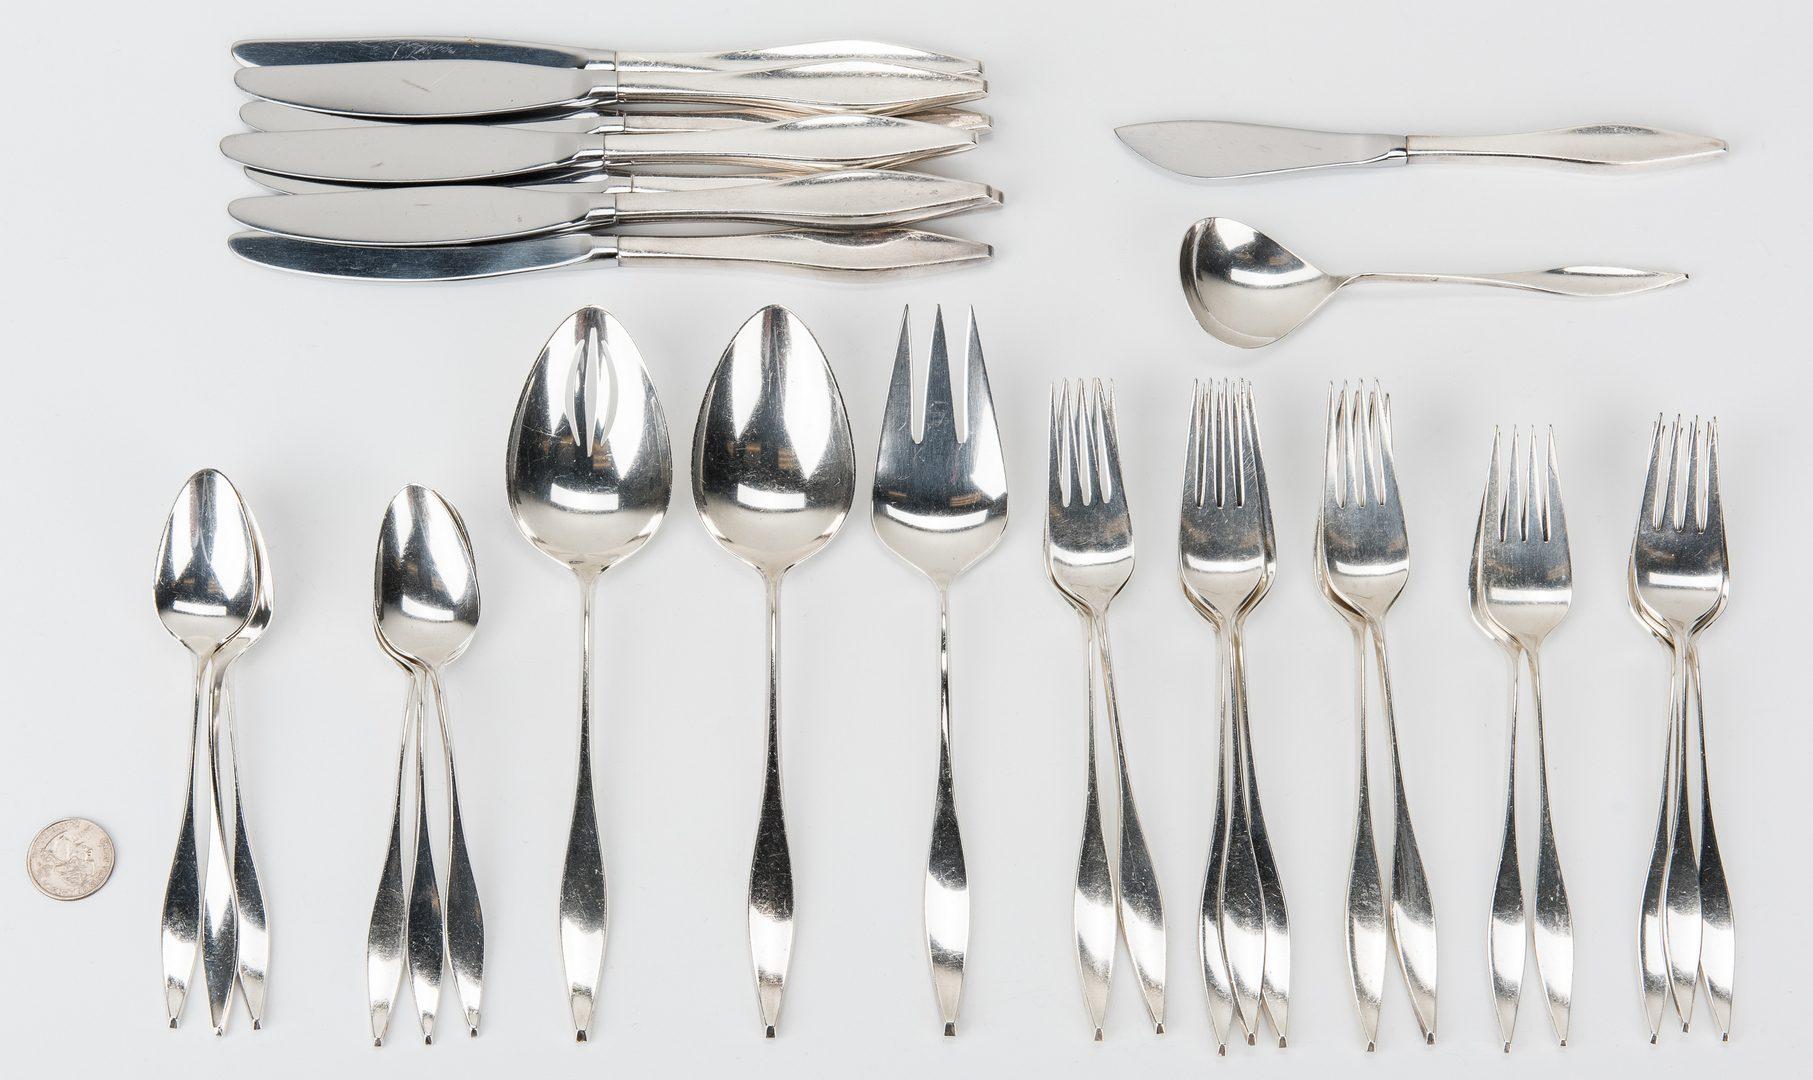 Lot 655: 30 pcs. Reed & Barton Lark Pattern Sterling Silver Flatware